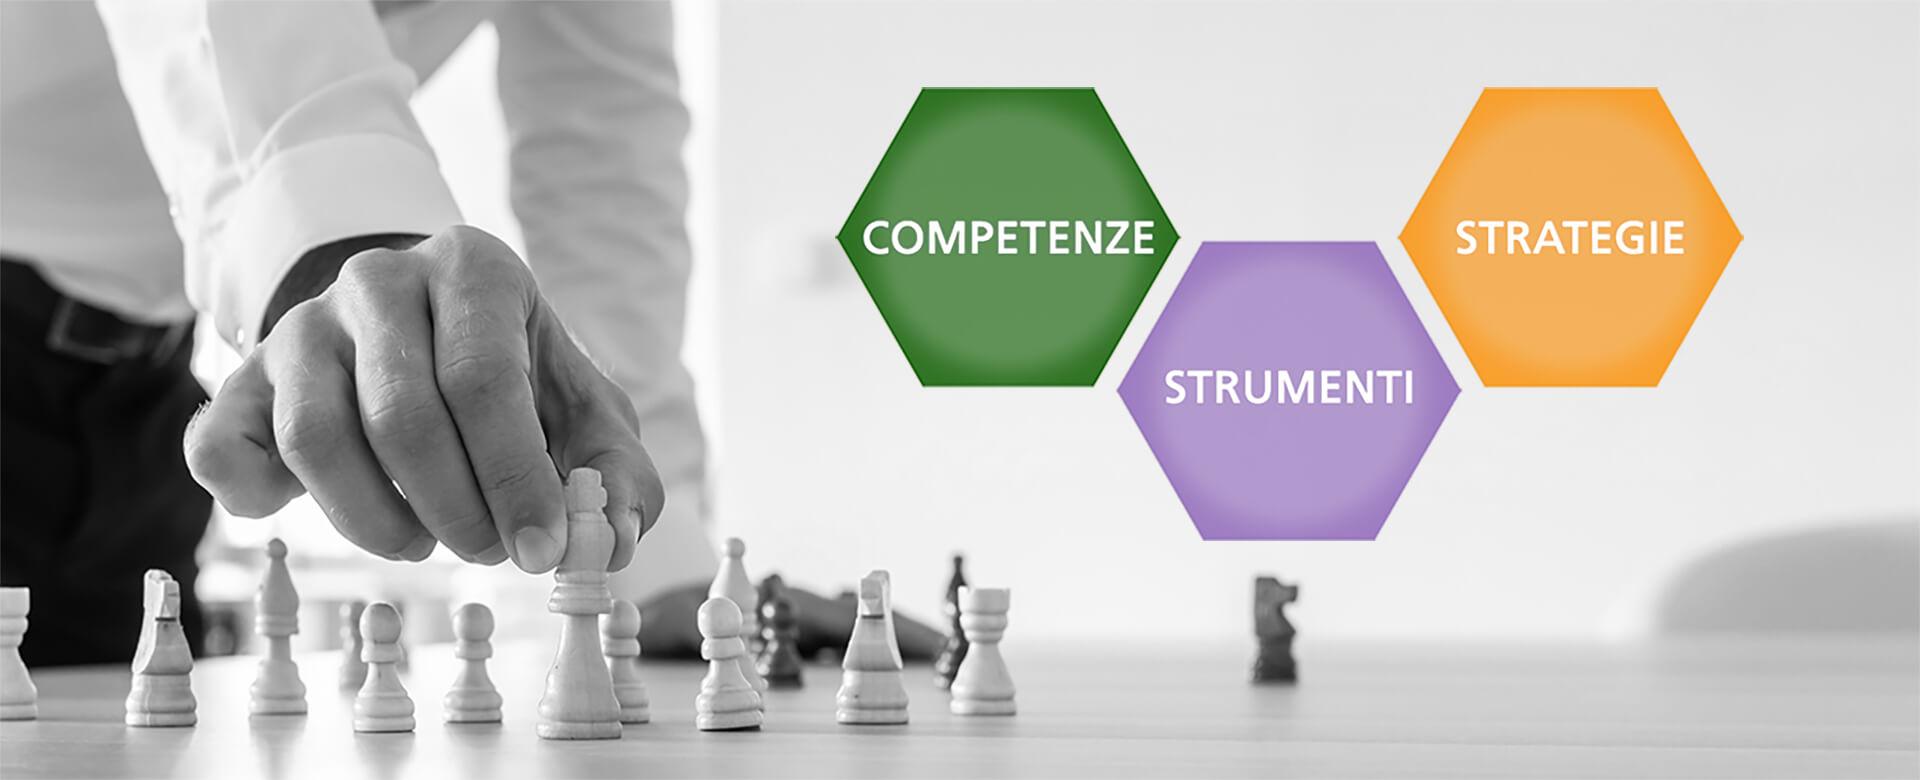 top solutions torino telemarketing call center competenza strategia strumenti